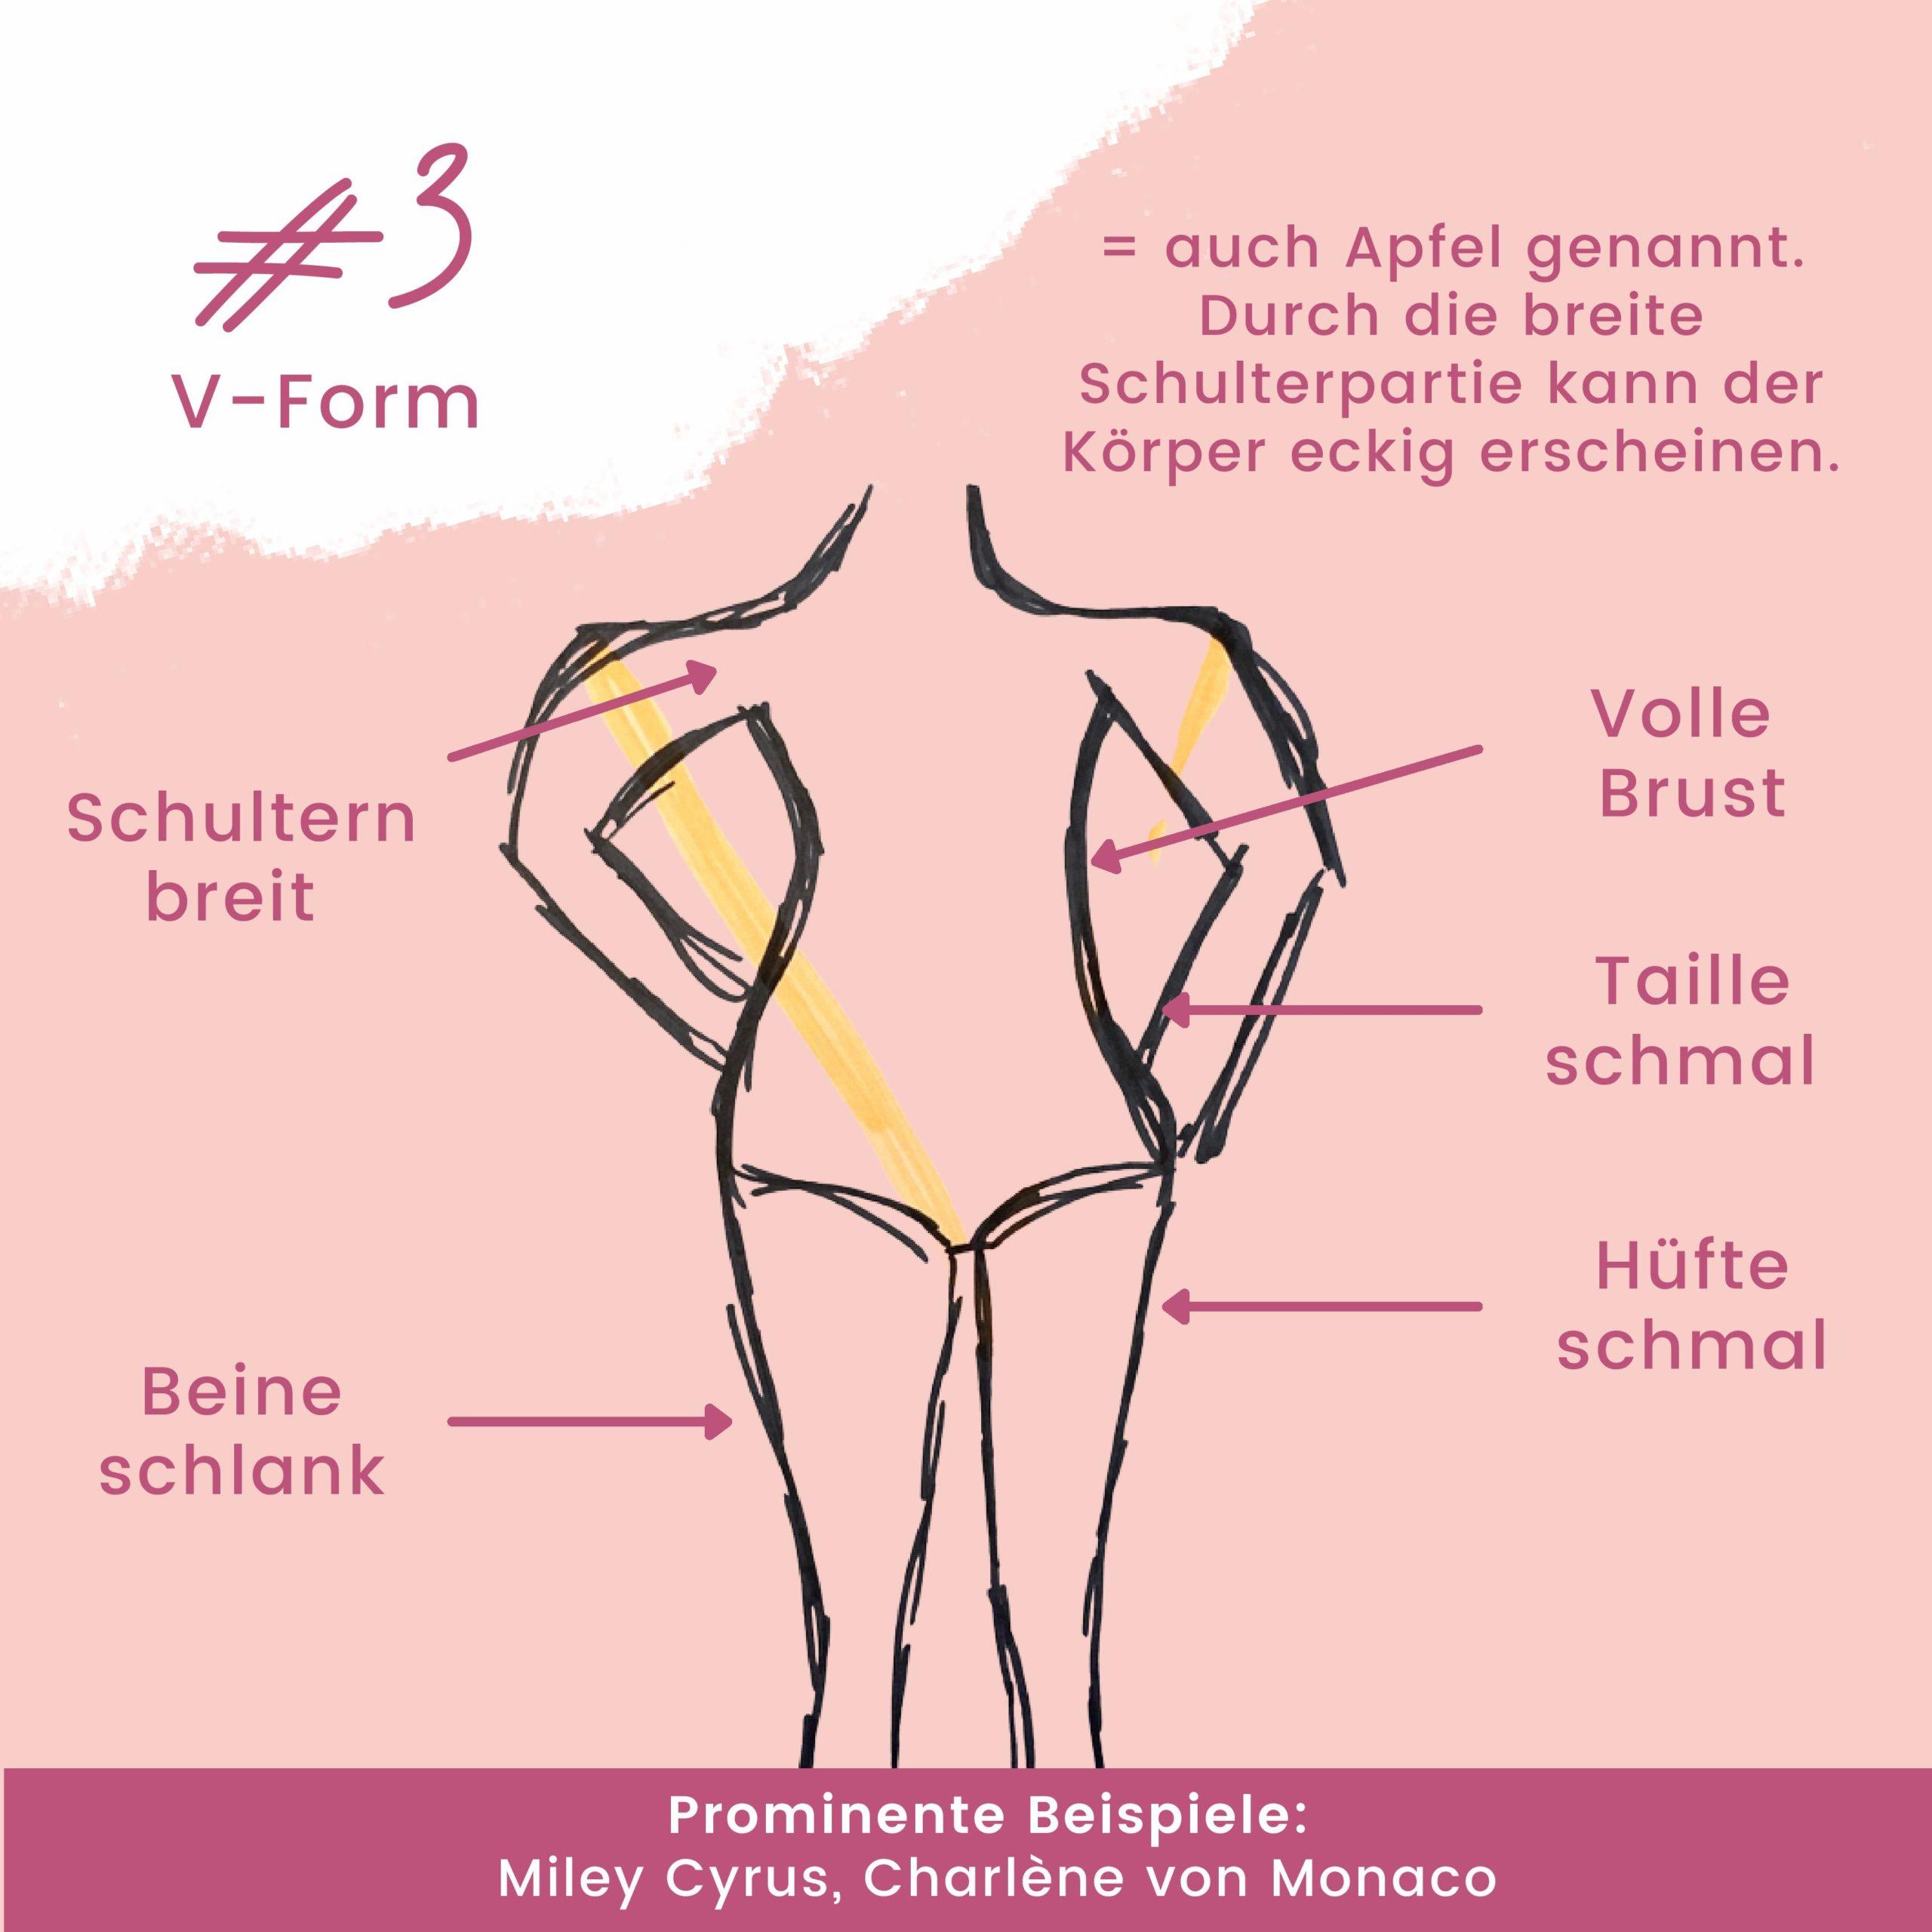 Hier sollte der Figurtyo V-Form näher beschrieben werden